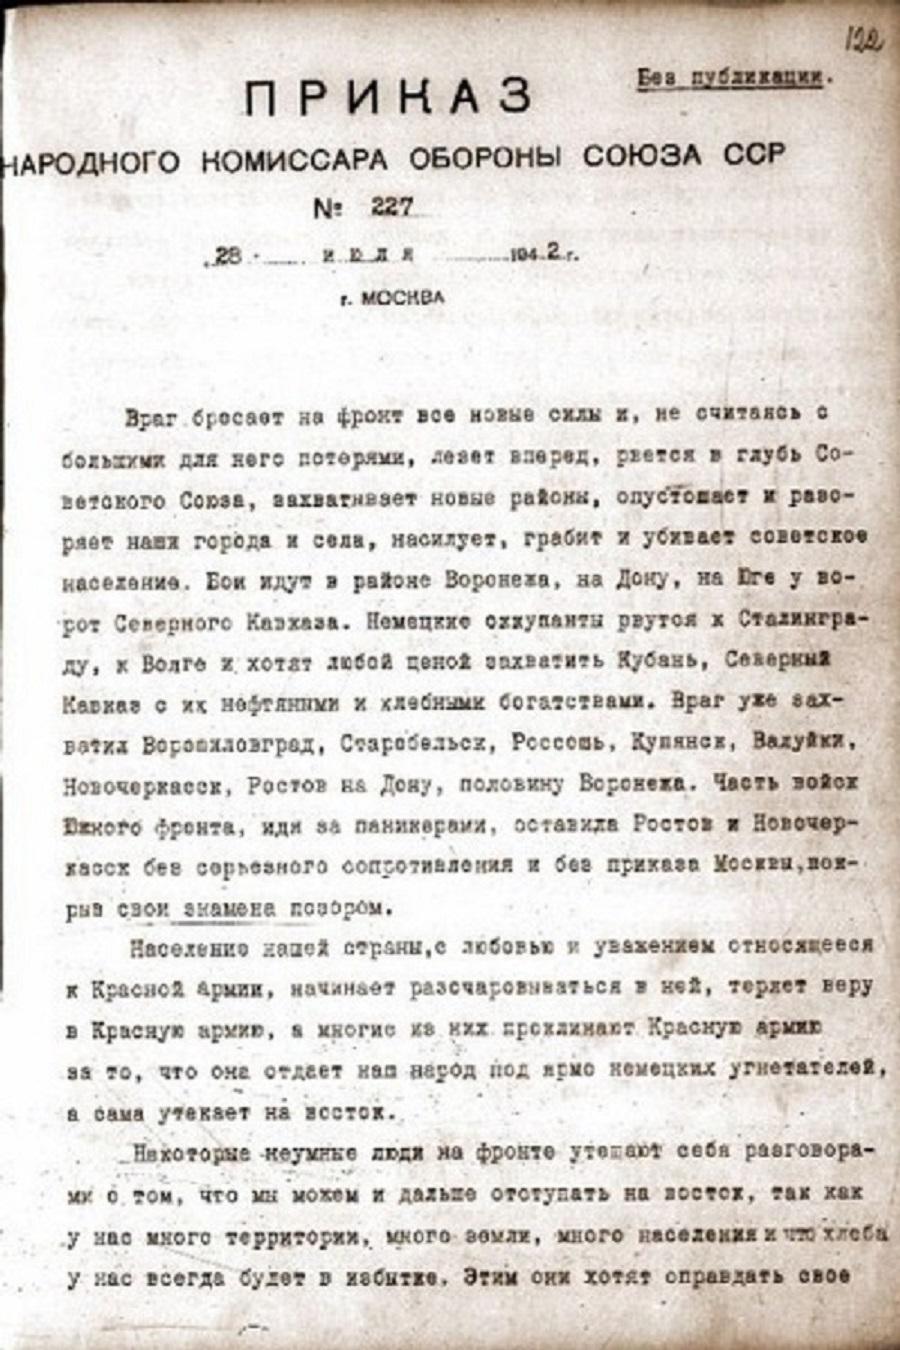 О приказе сталина № 227 «ни шагу назад! »: tatasoz.